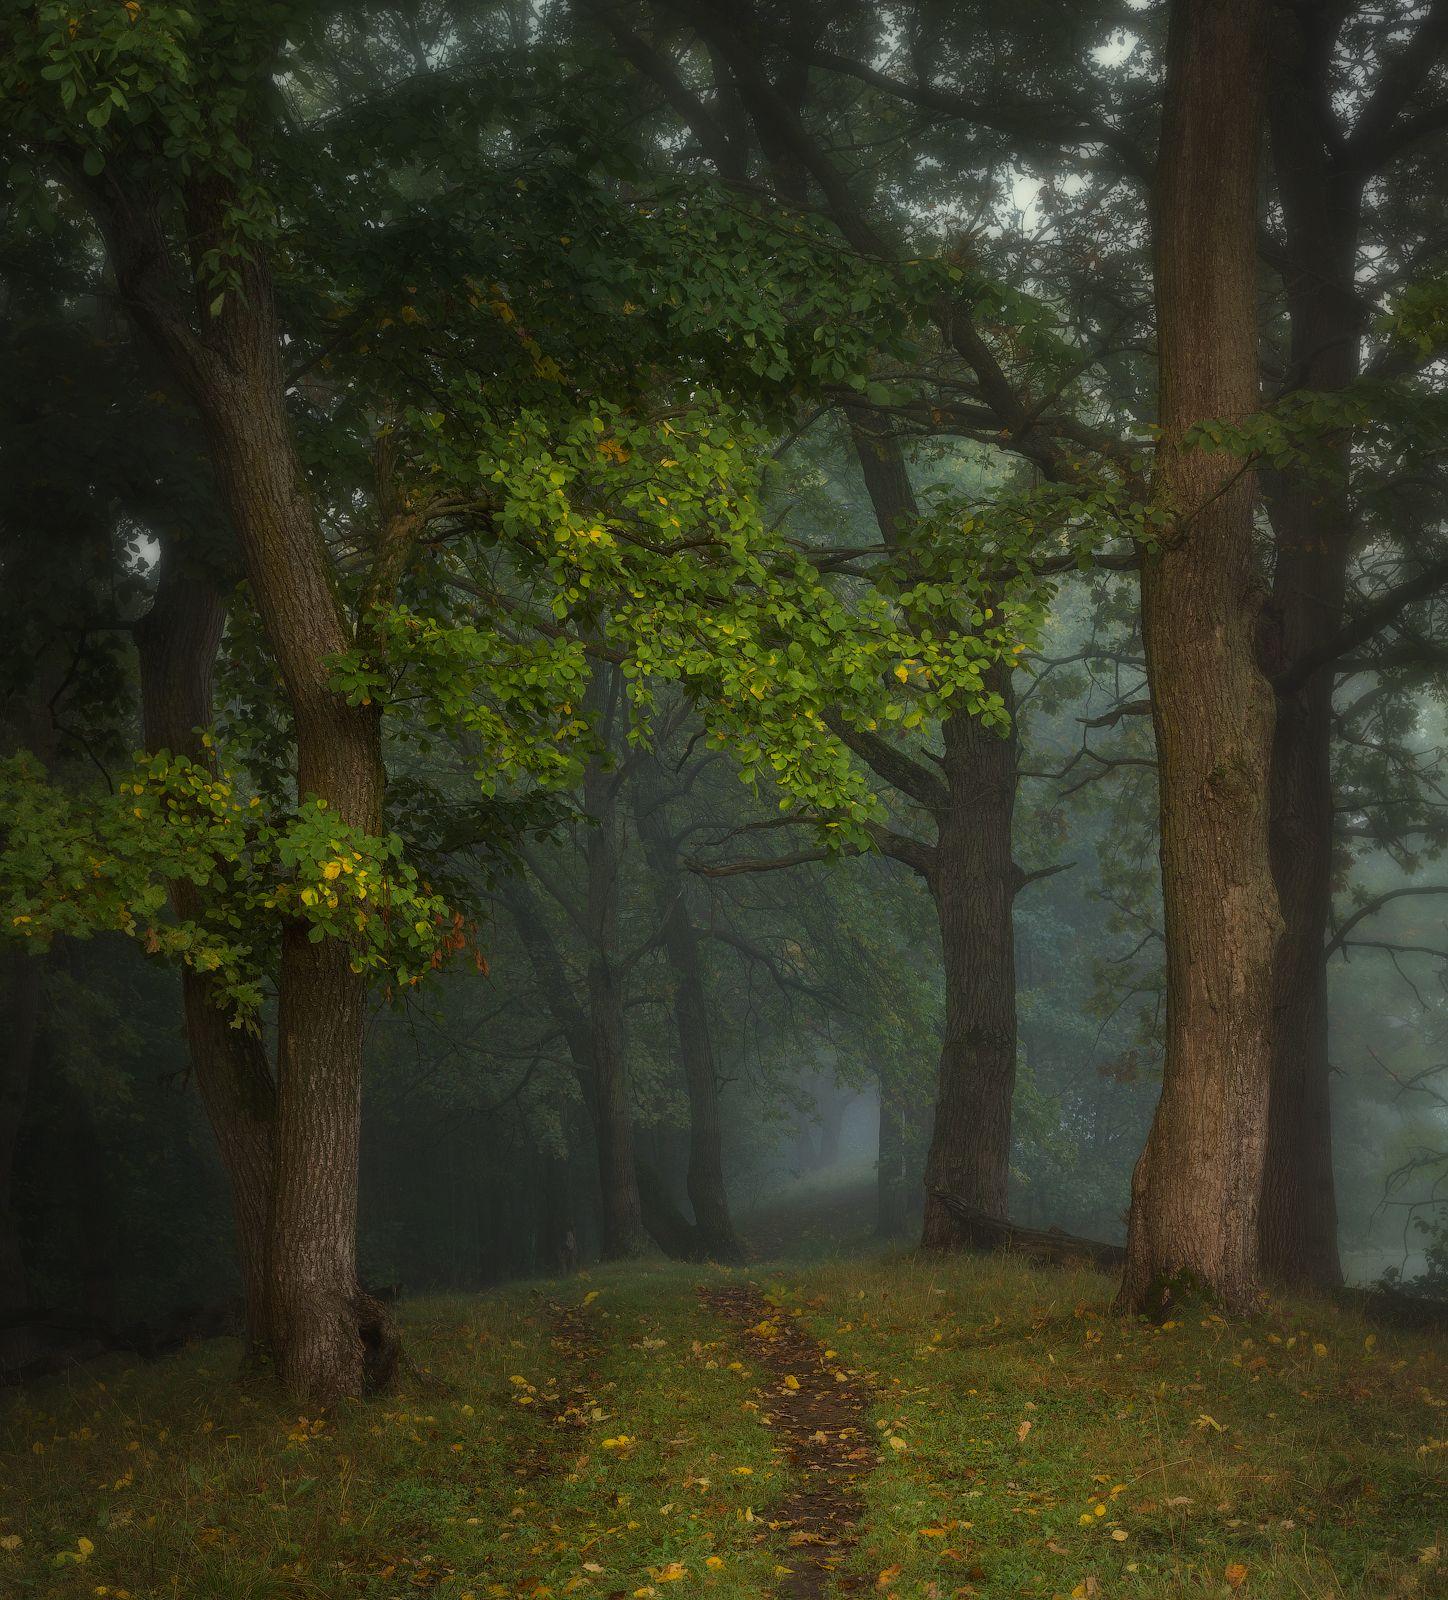 природа утро туман деревья, Корнилов Михаил